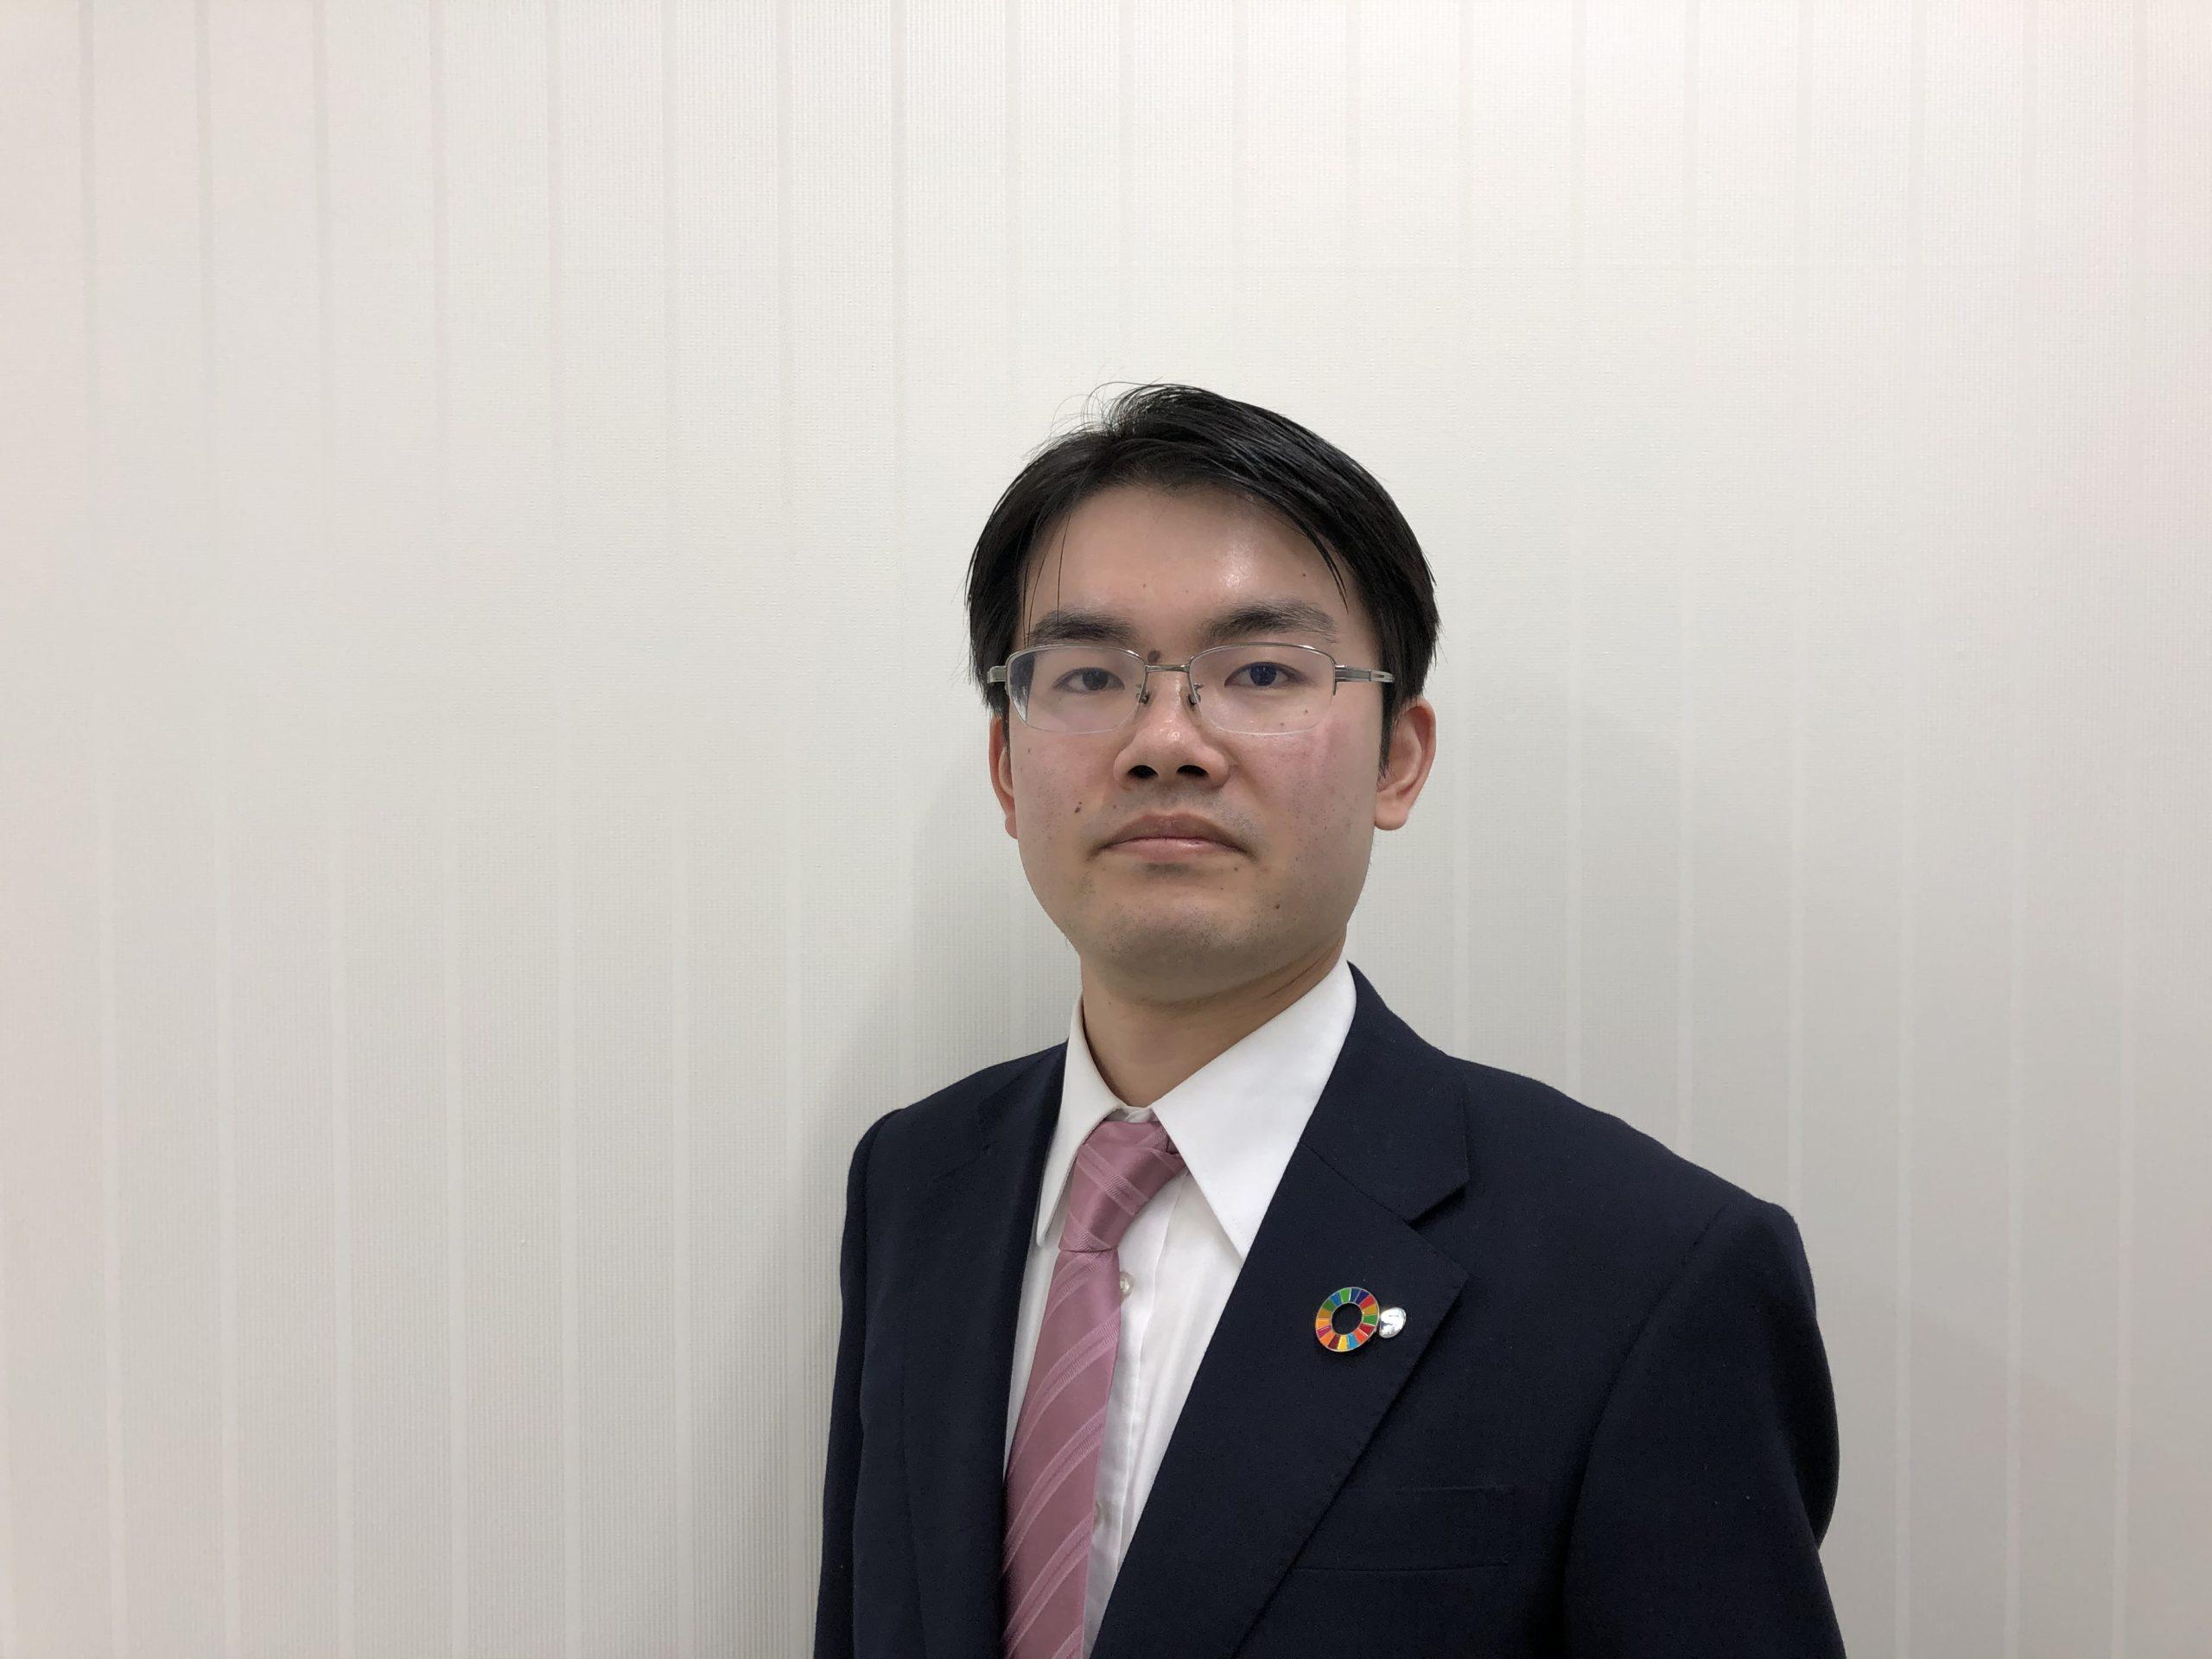 Taisuke Aoyama